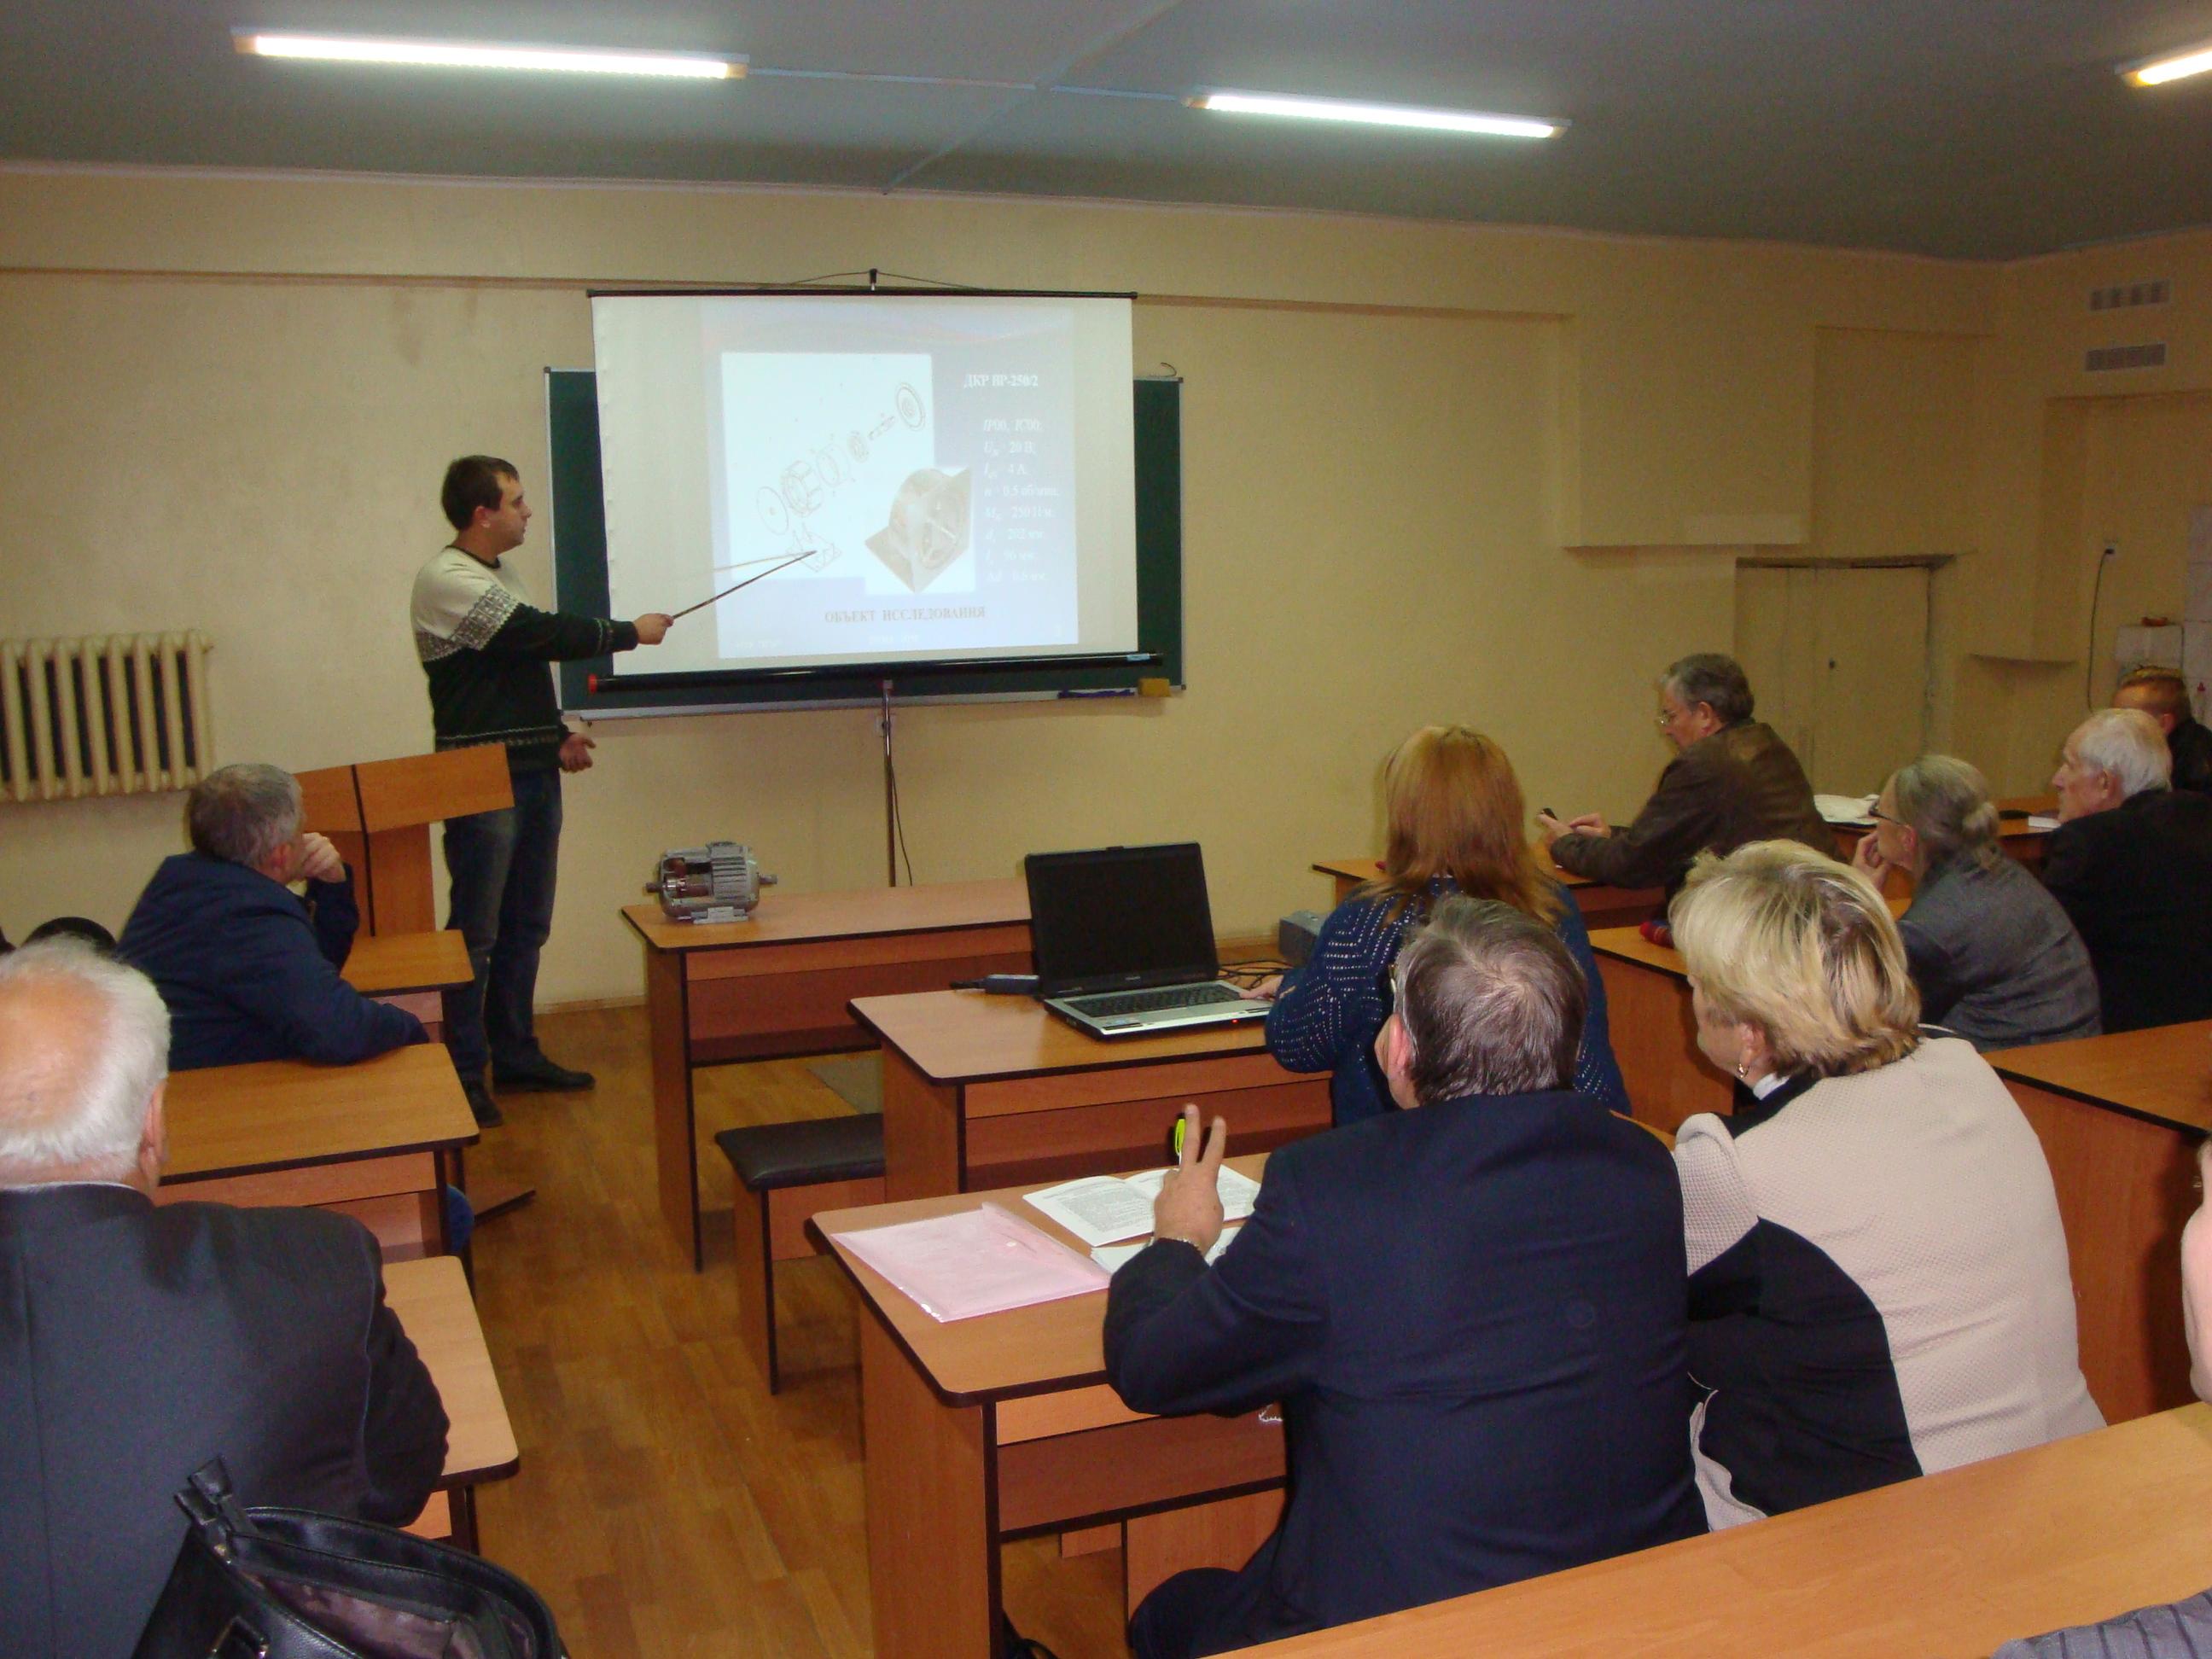 Ст. преп. Егоров А.В. (НТУ «ХПИ», Харьков)